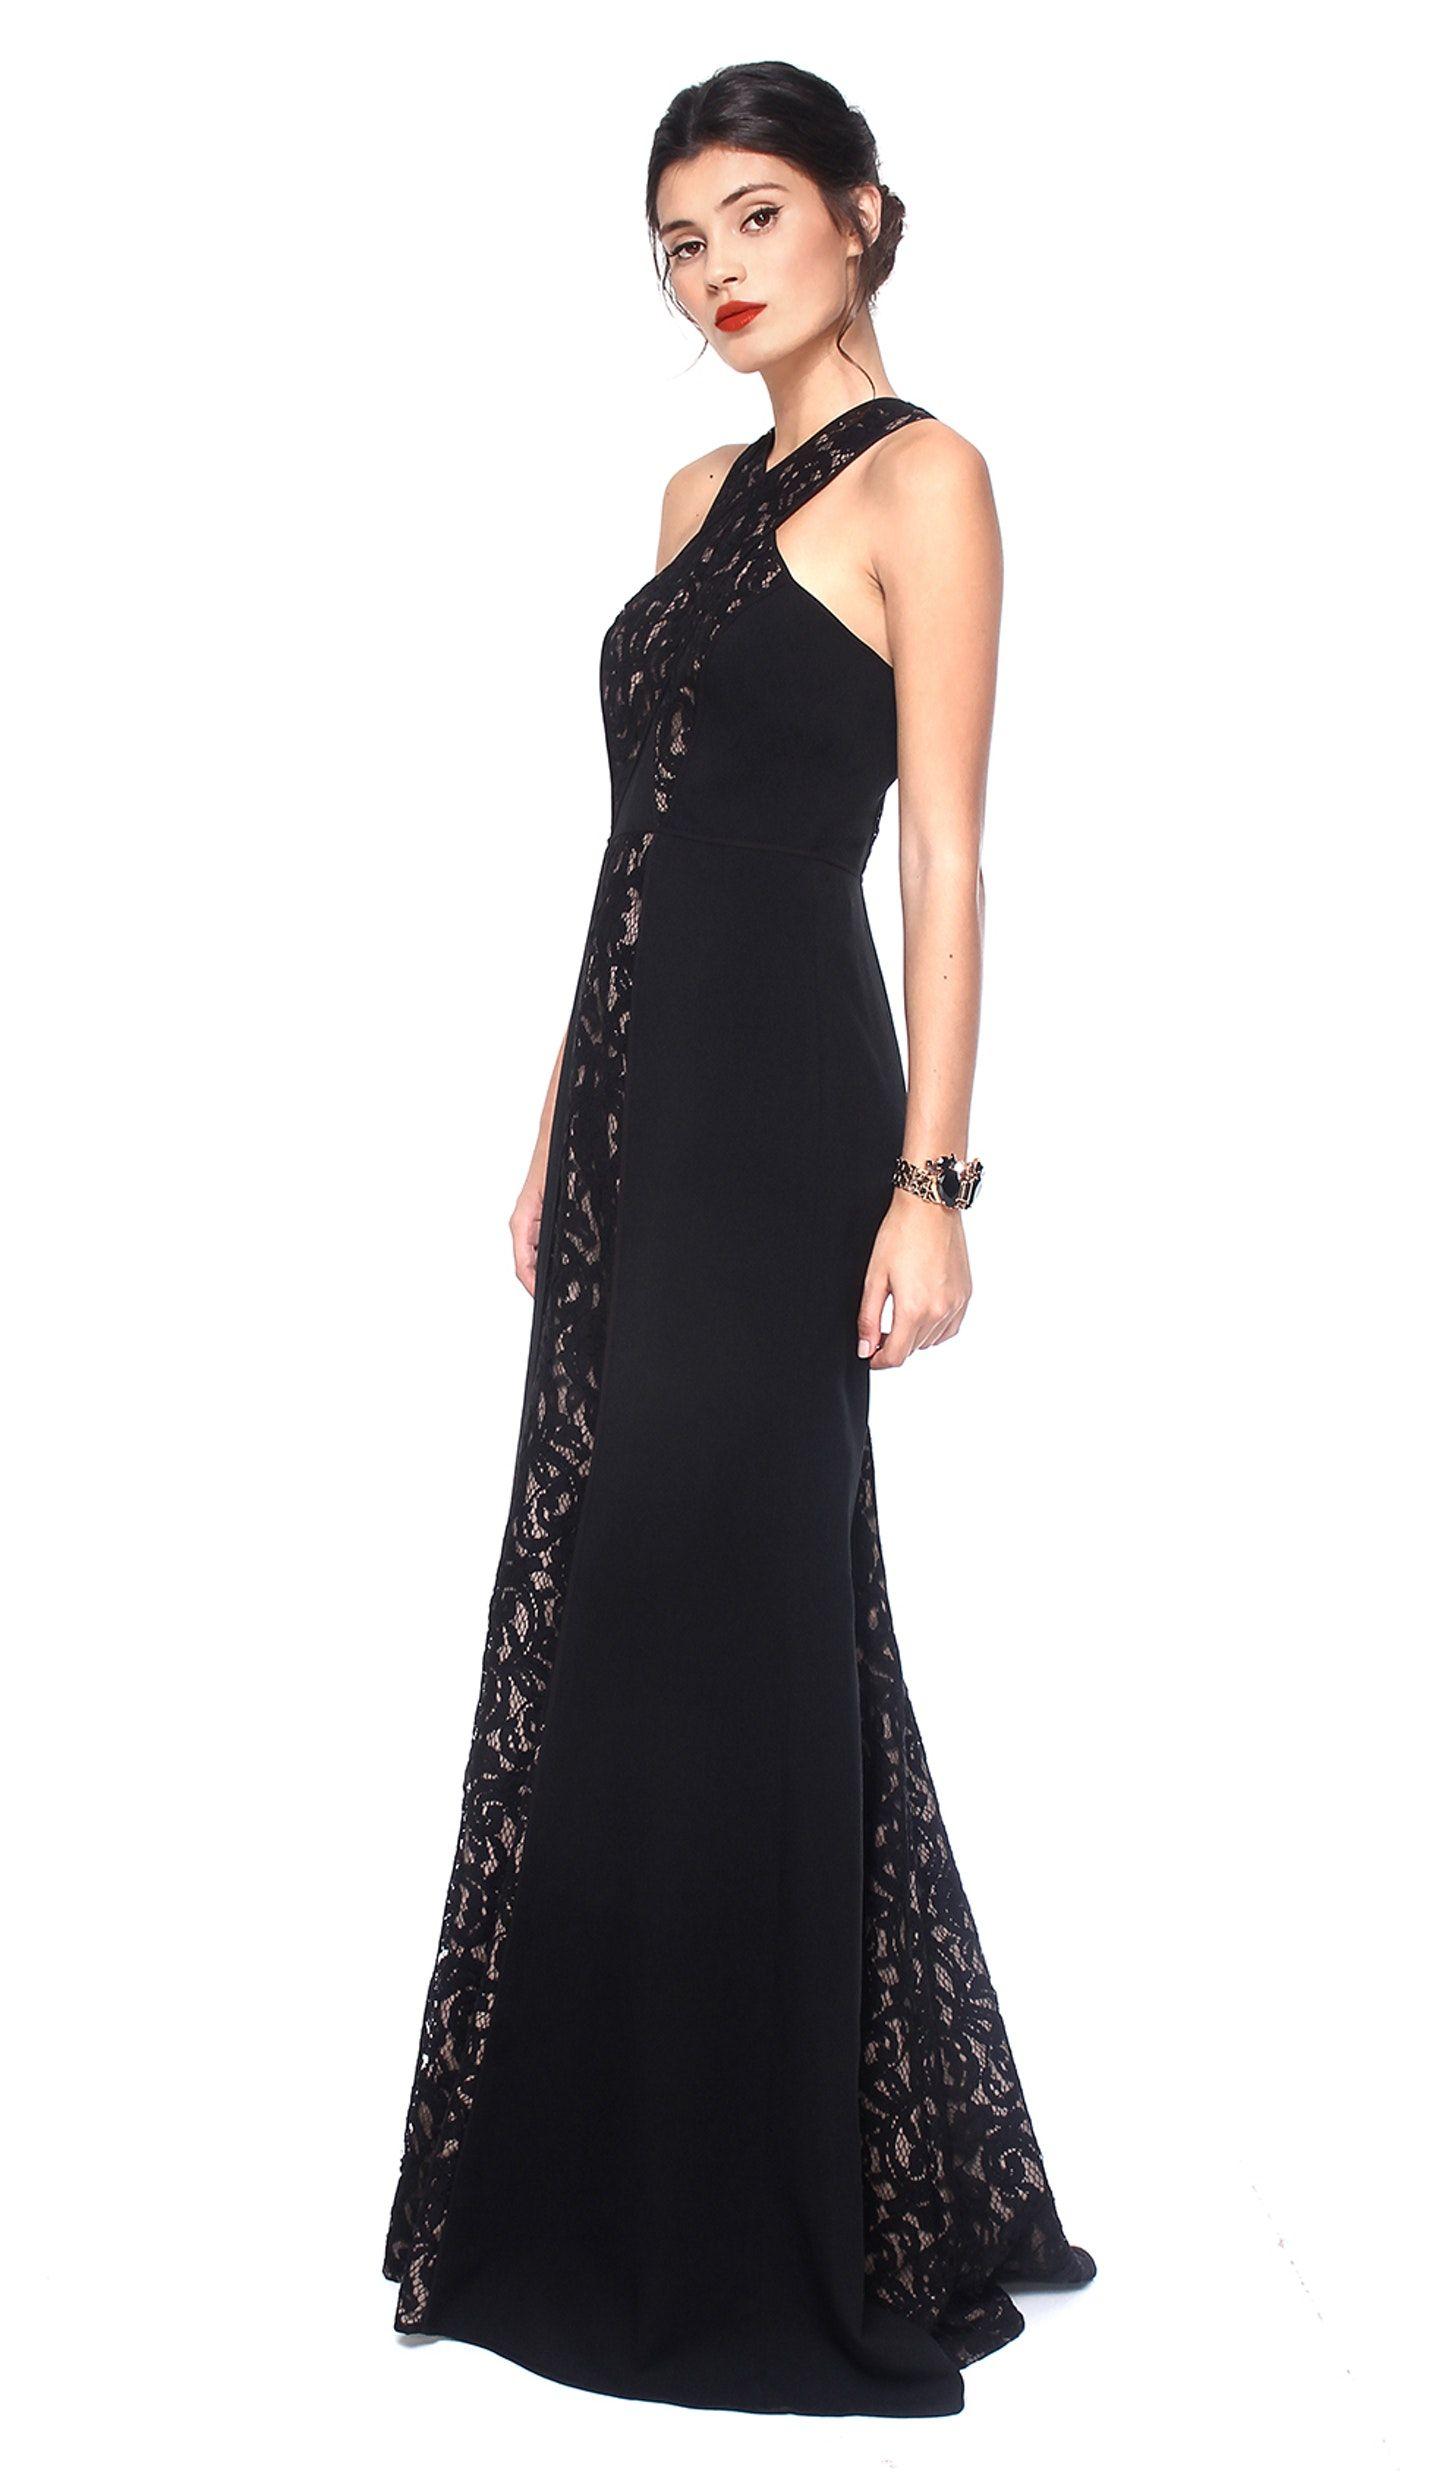 Black Lace Crossover Neck Gown Bcbg Max Azria Hire Dresses Bcbg Dresses Floor Length Lace Dress Dresses